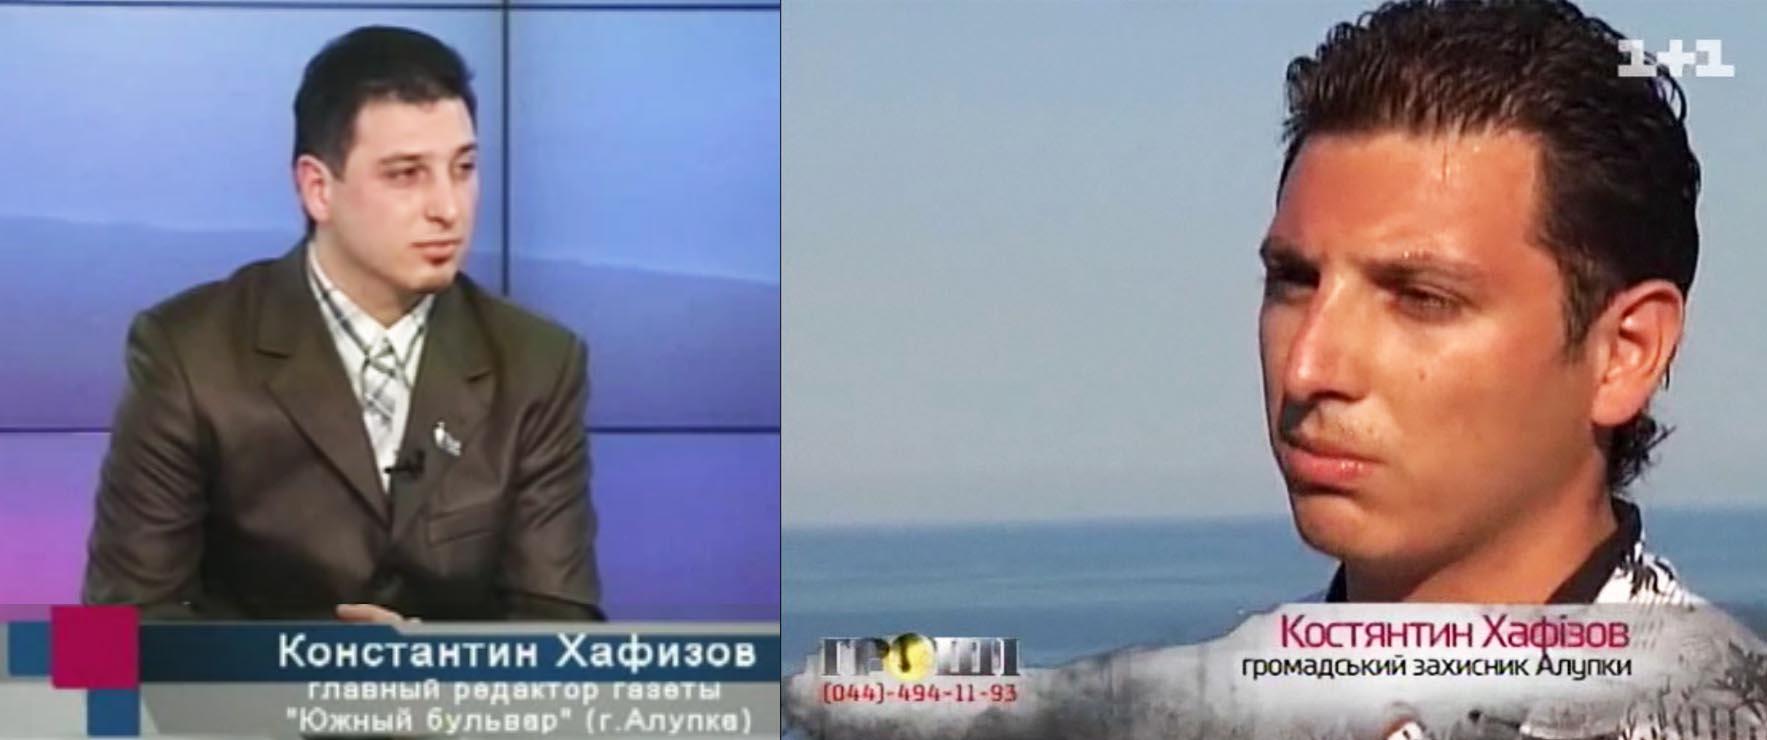 Хафизов На ТВ